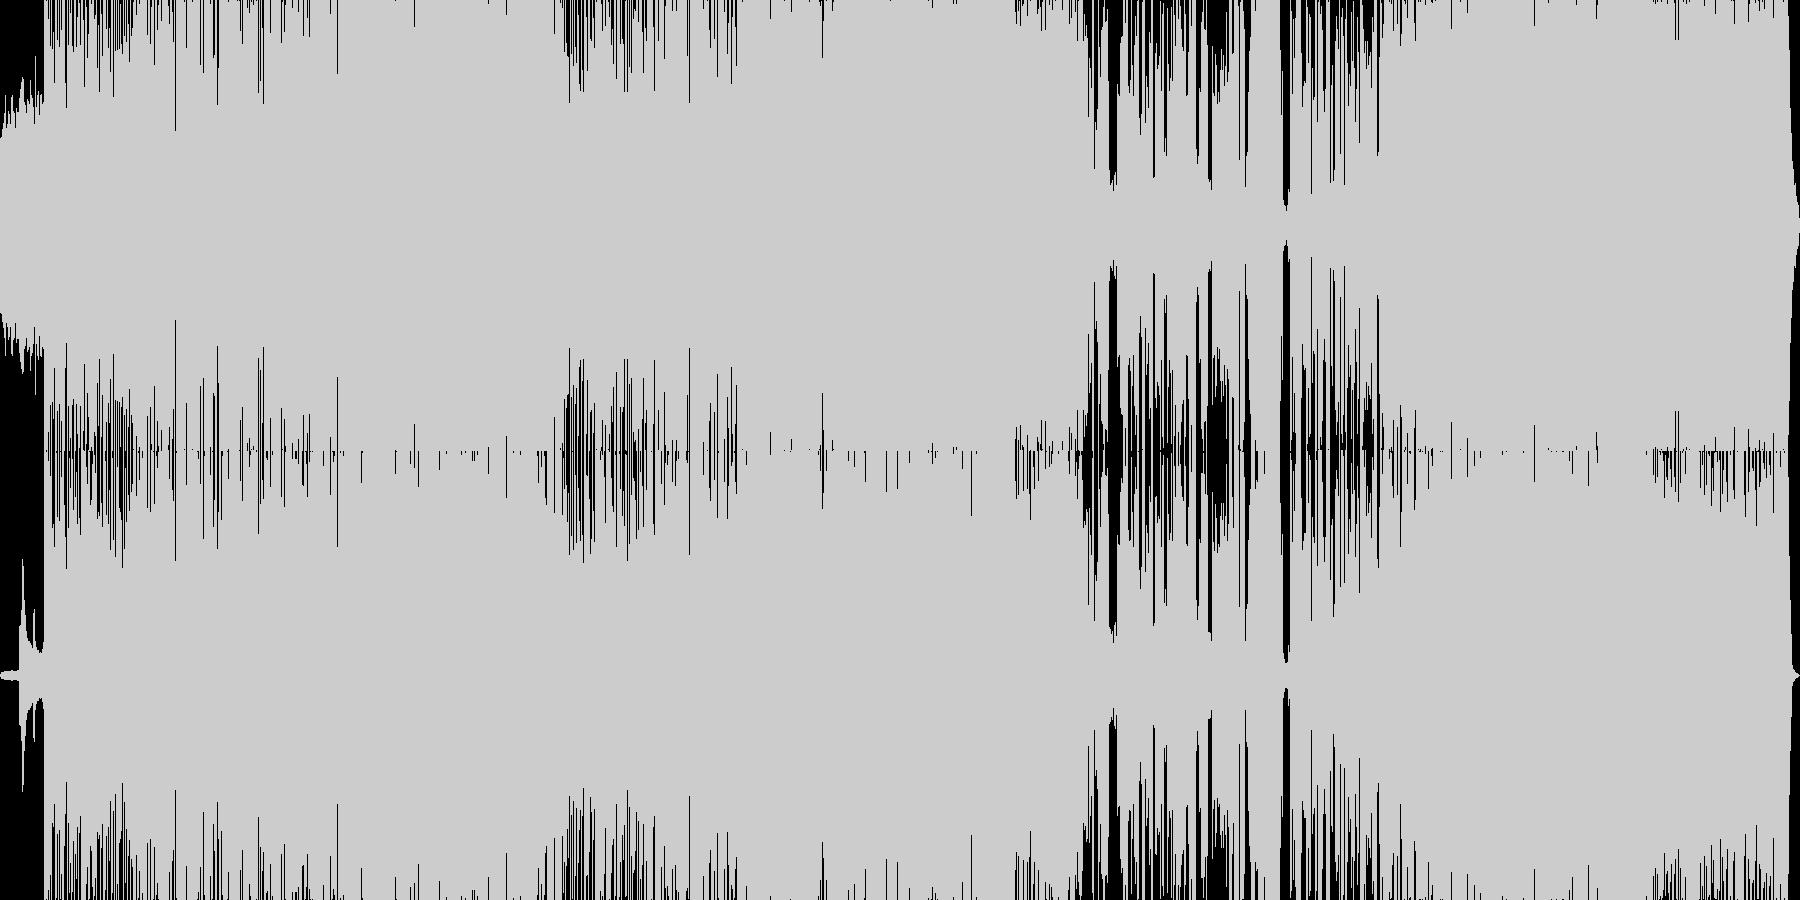 美しいメロディのミドルテンポのロックの未再生の波形